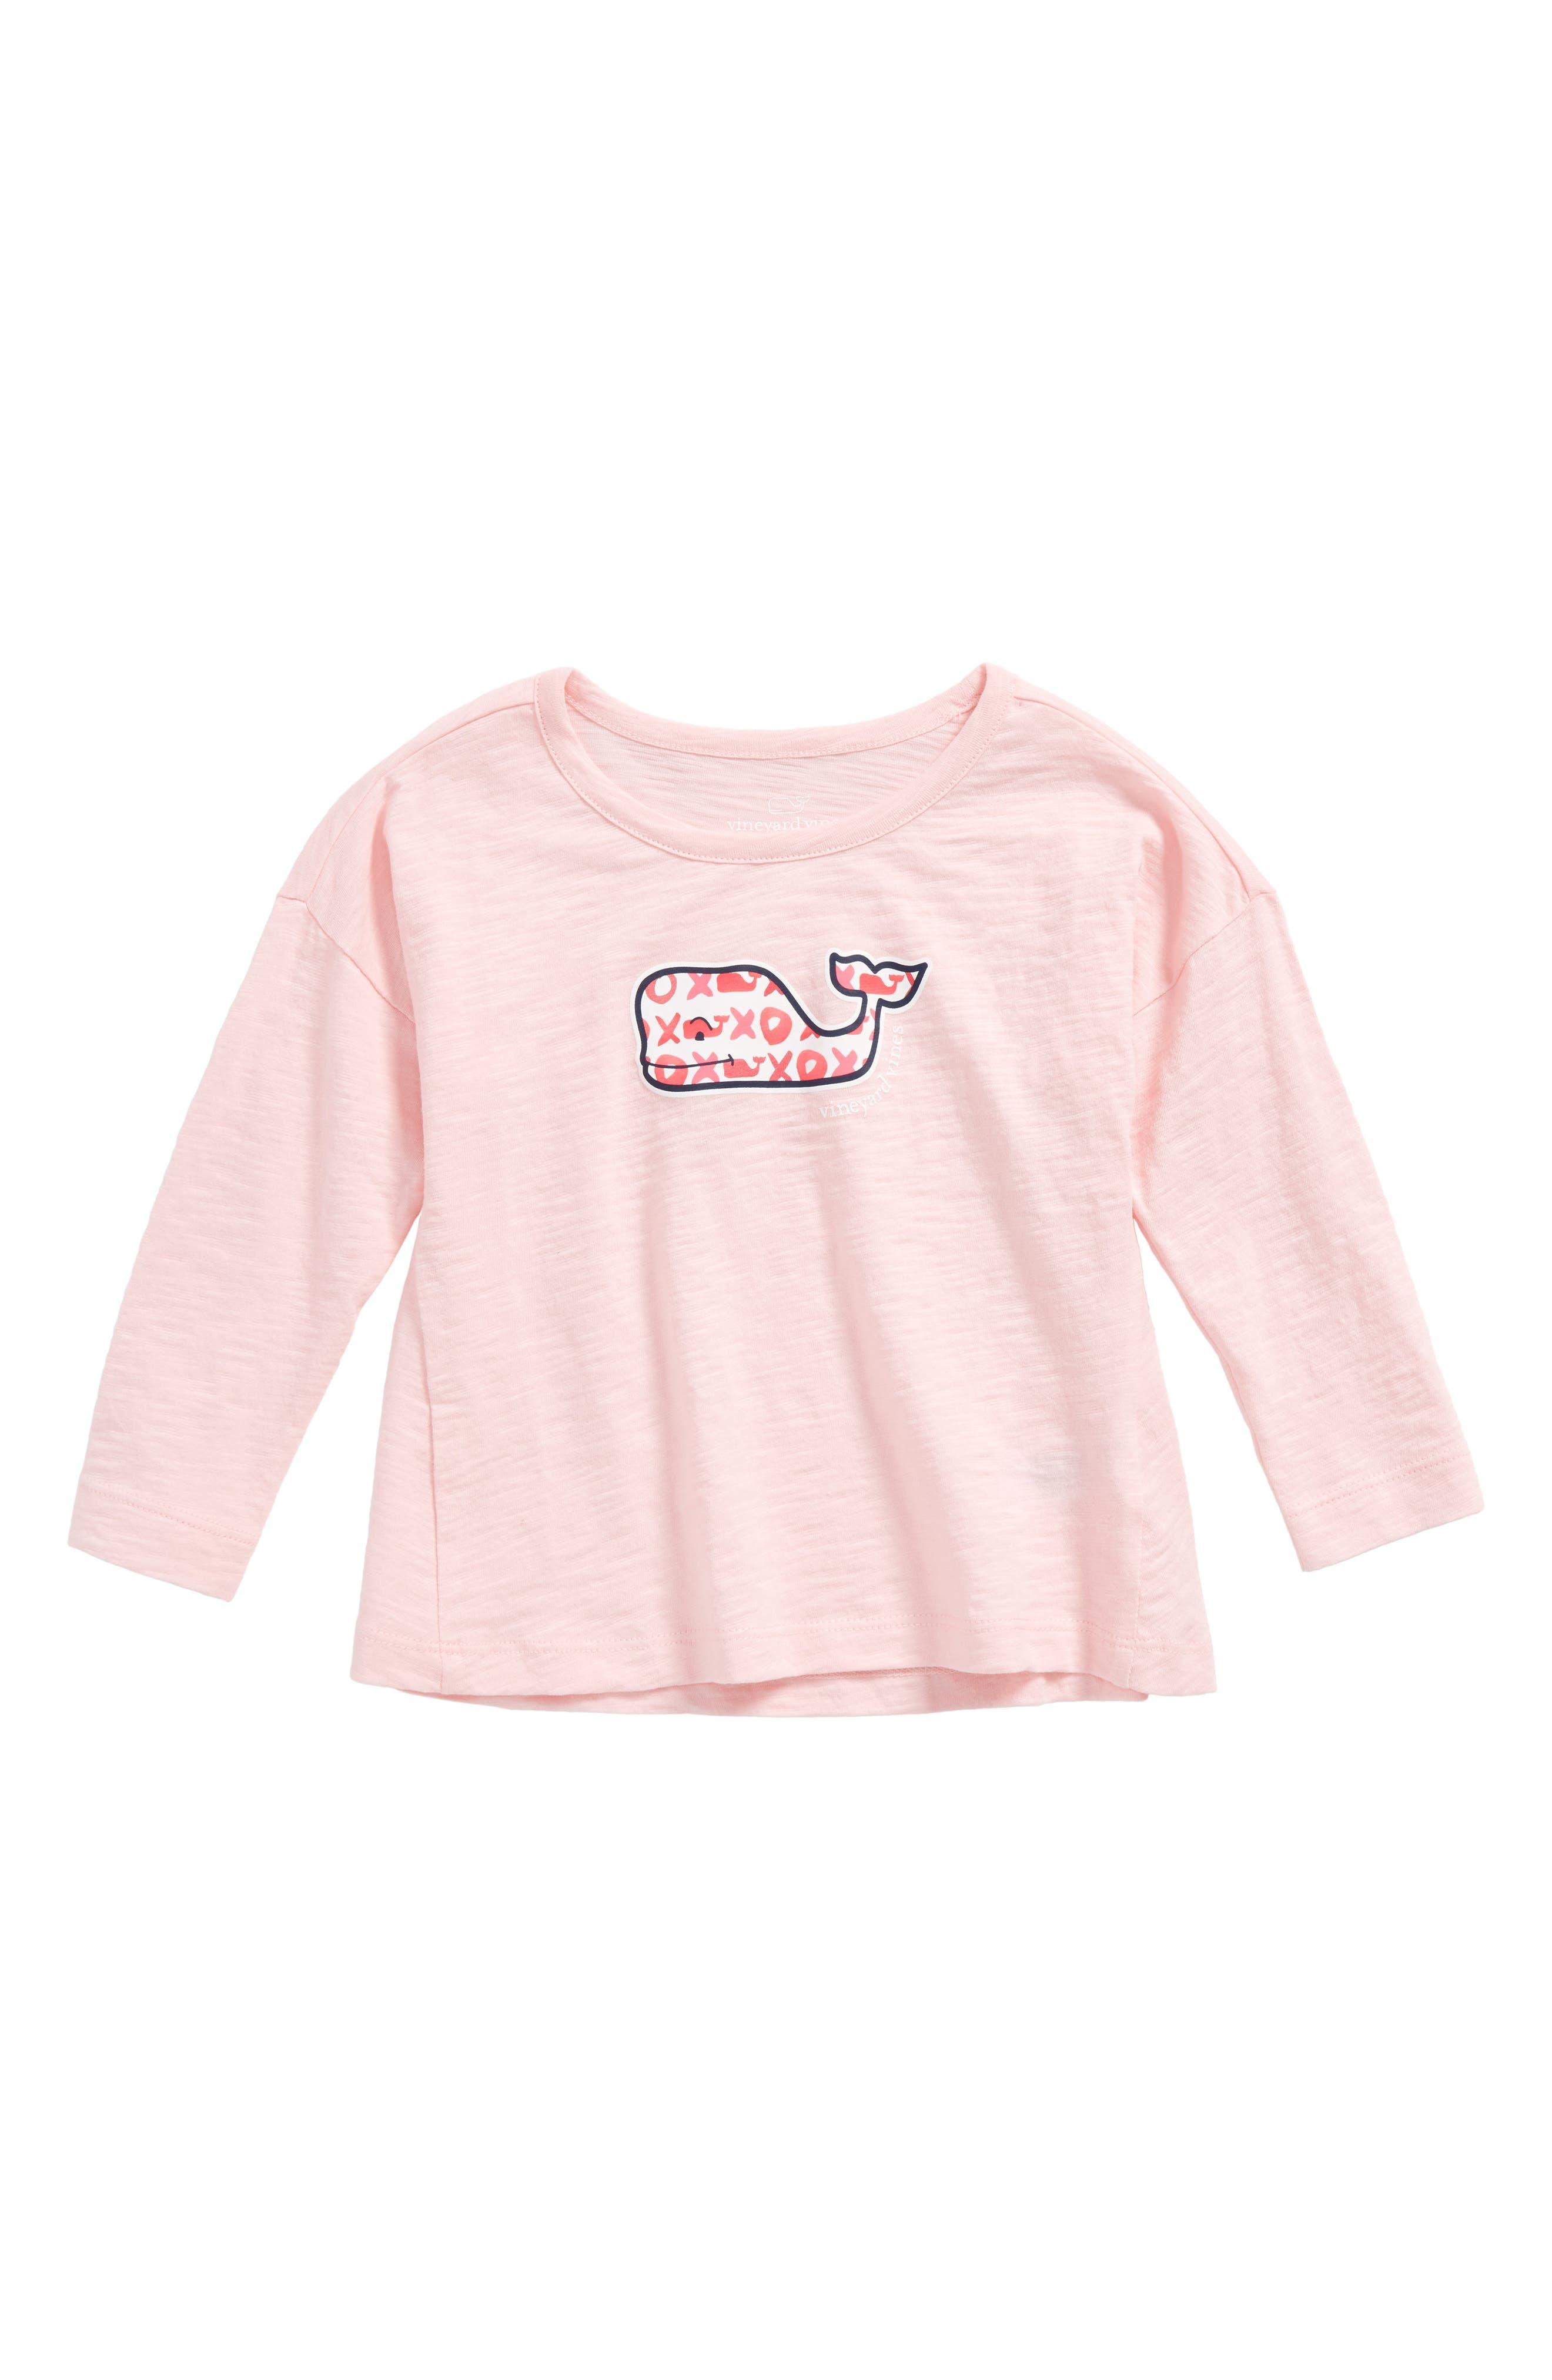 Main Image - vineyard vines Whale Logo Swing Tee (Toddler Girls)